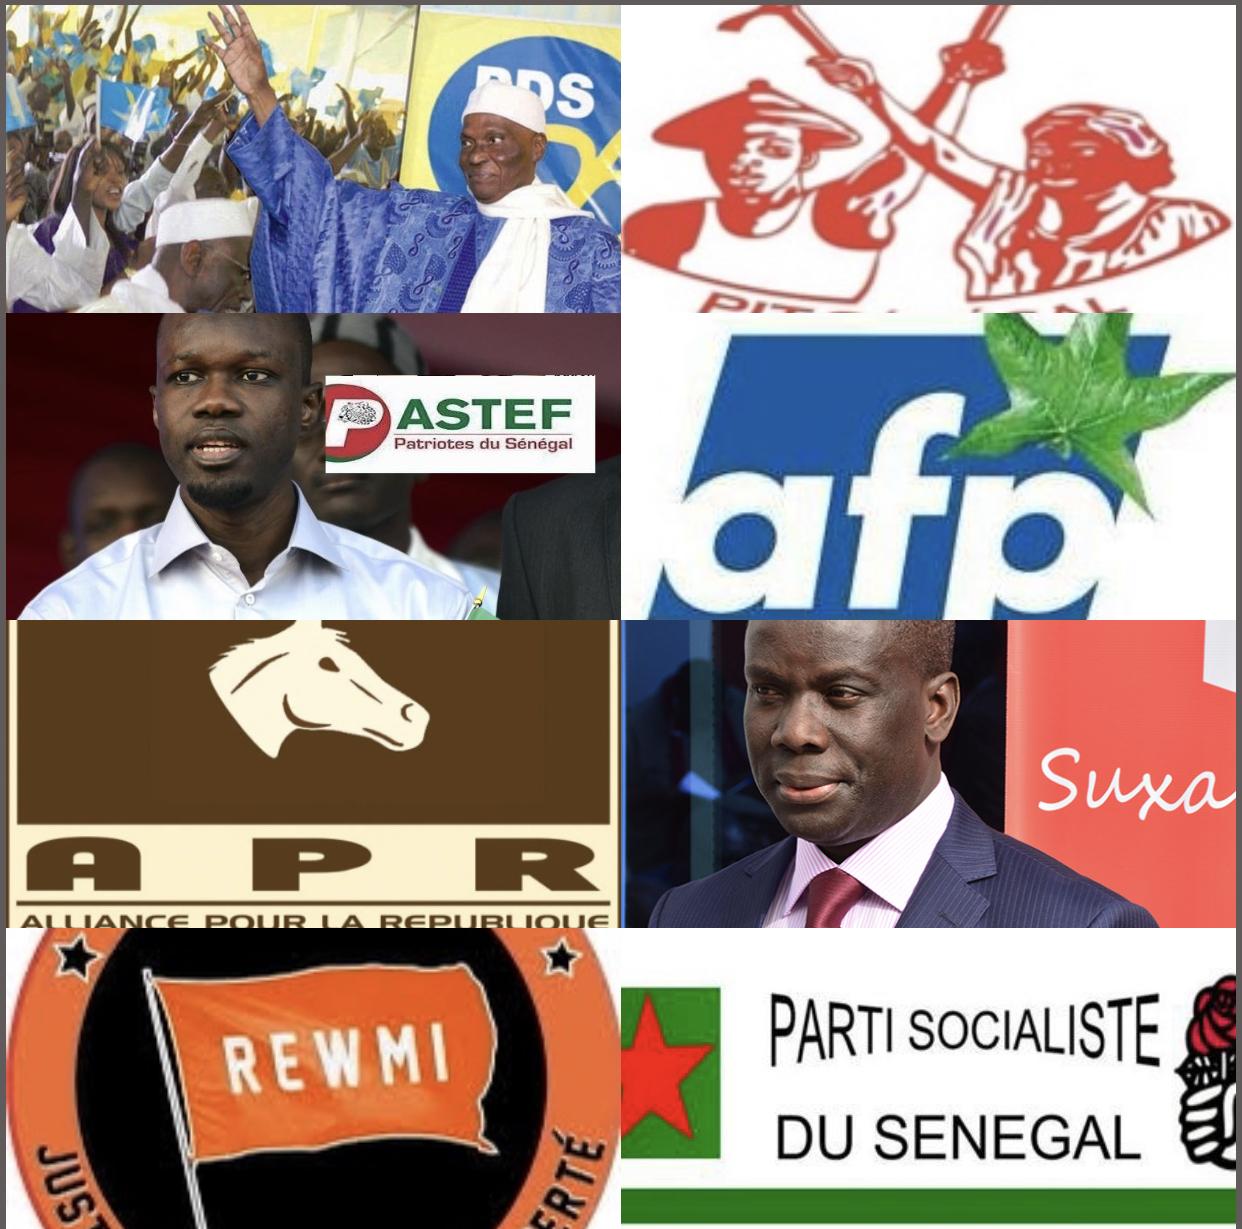 Financement des partis politiques au Sénégal : Une question à repenser dans une société en permanentes mutations technologiques.